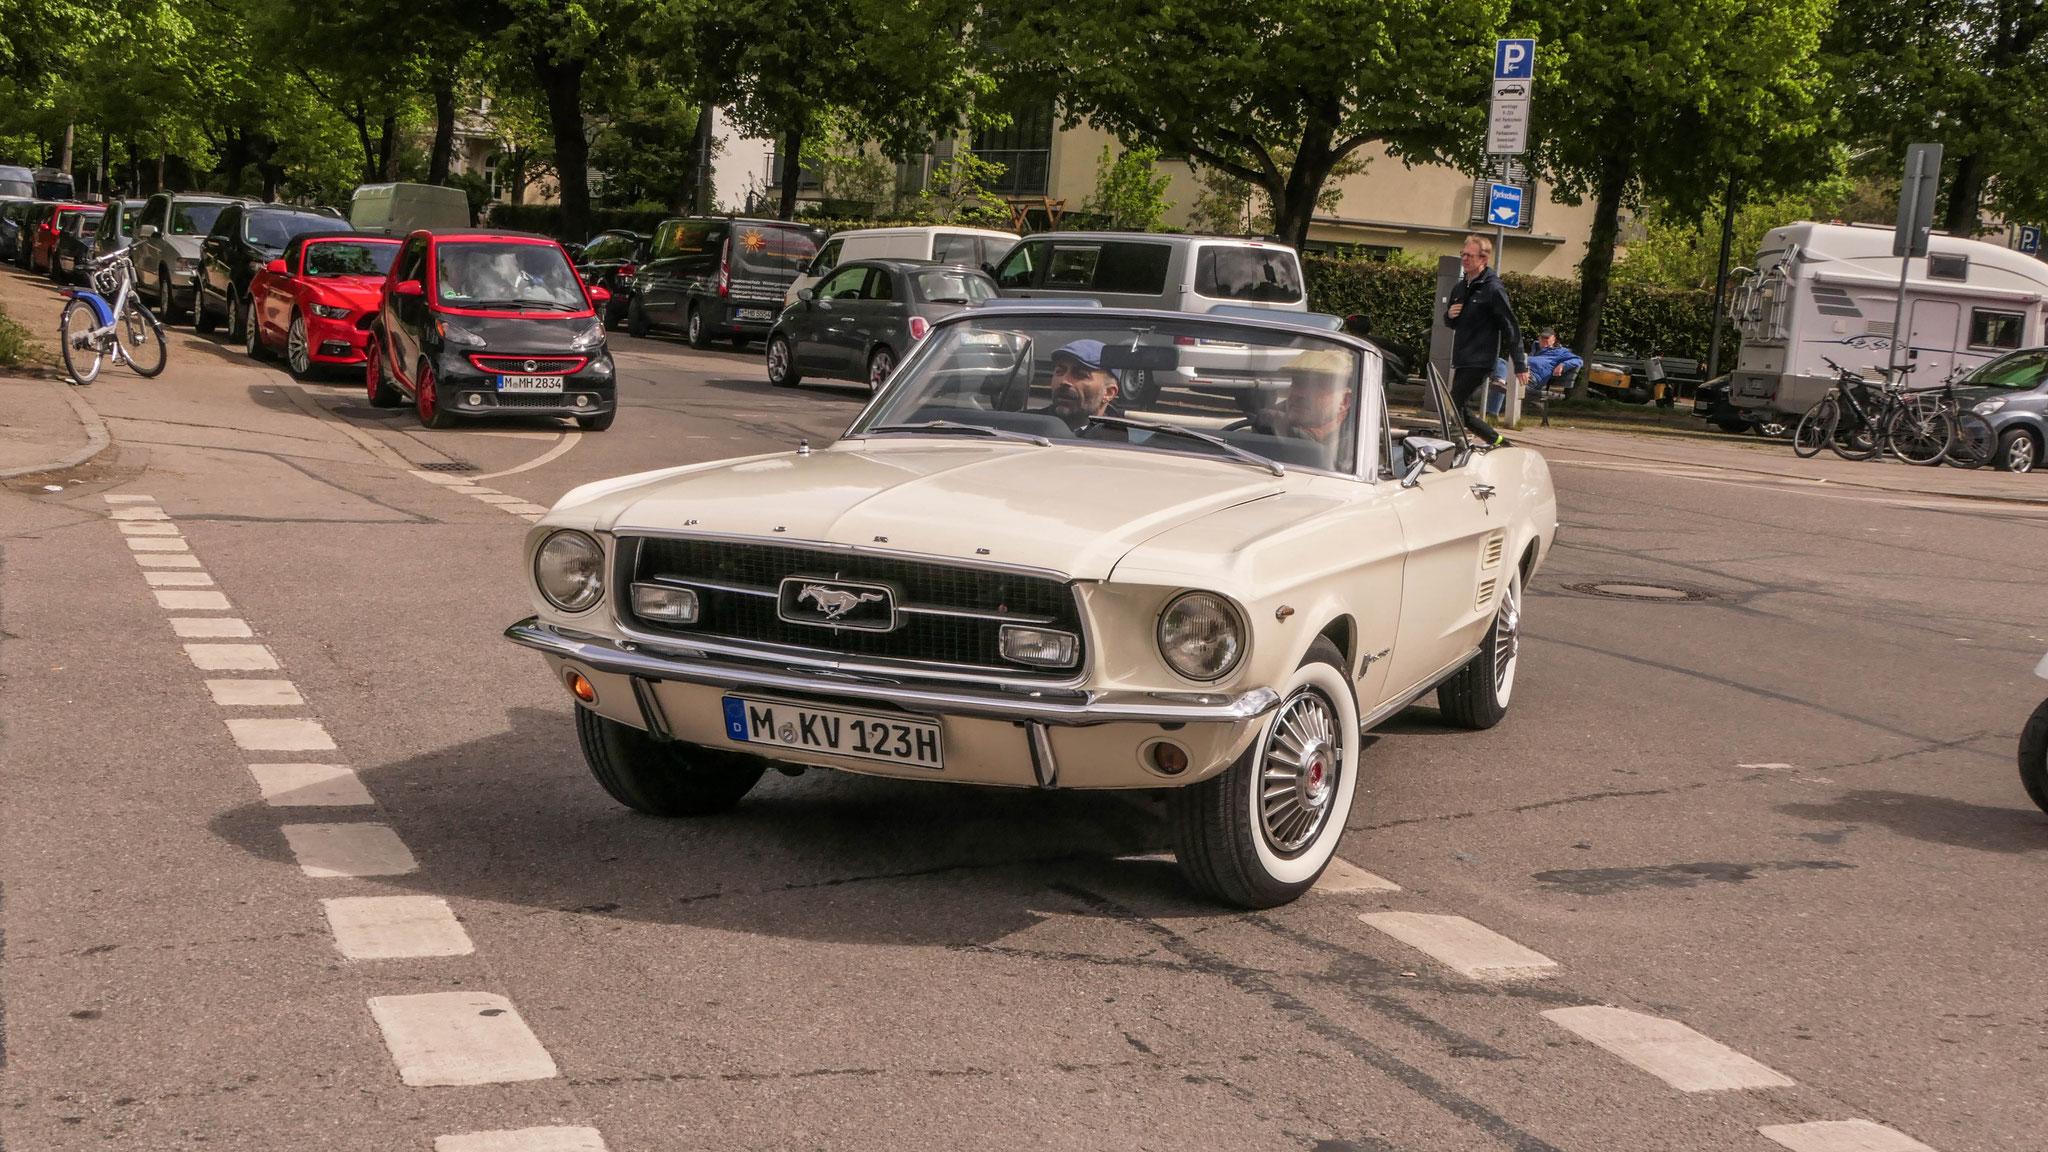 Mustang I Cabriolet - M-KV-123H